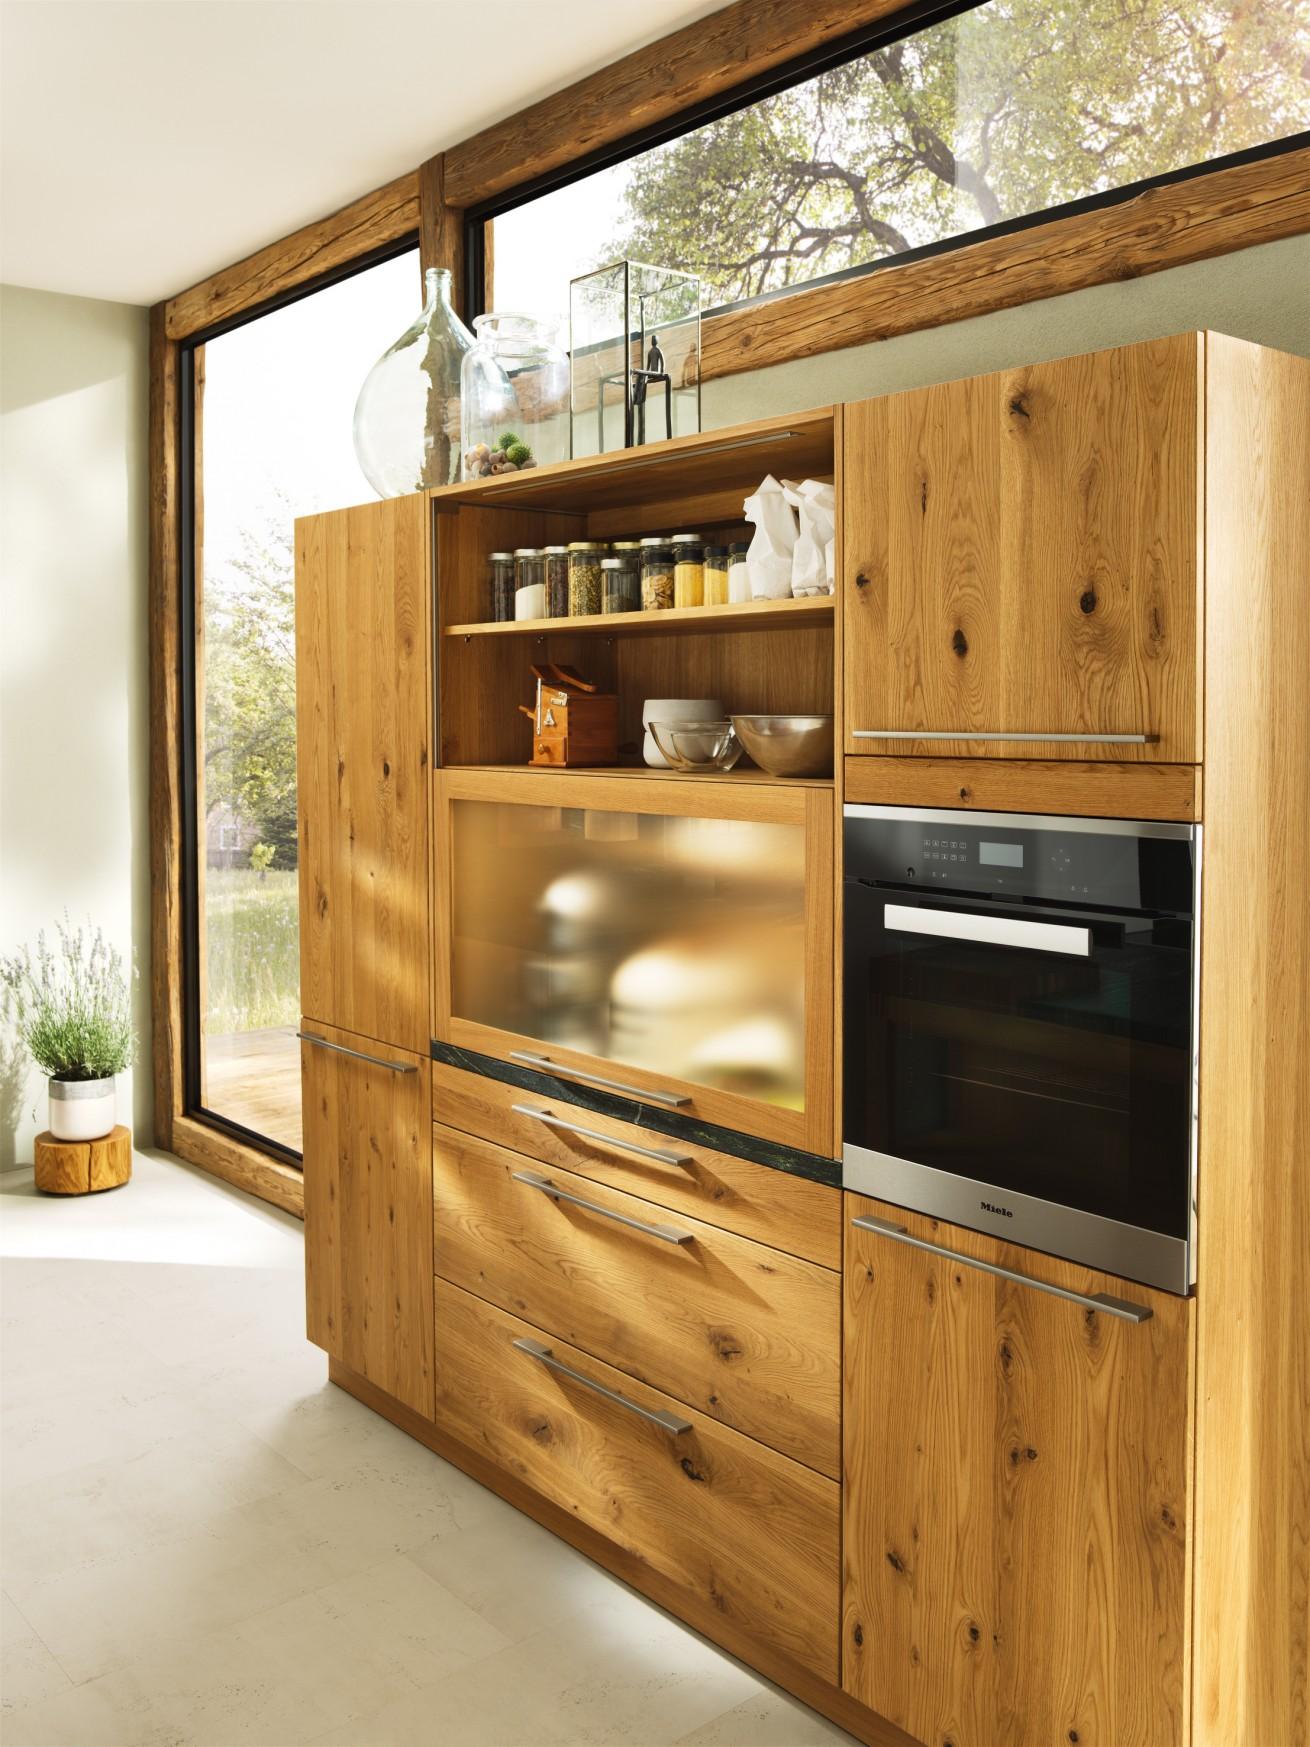 Küche – Raumart – Möbel zum Leben